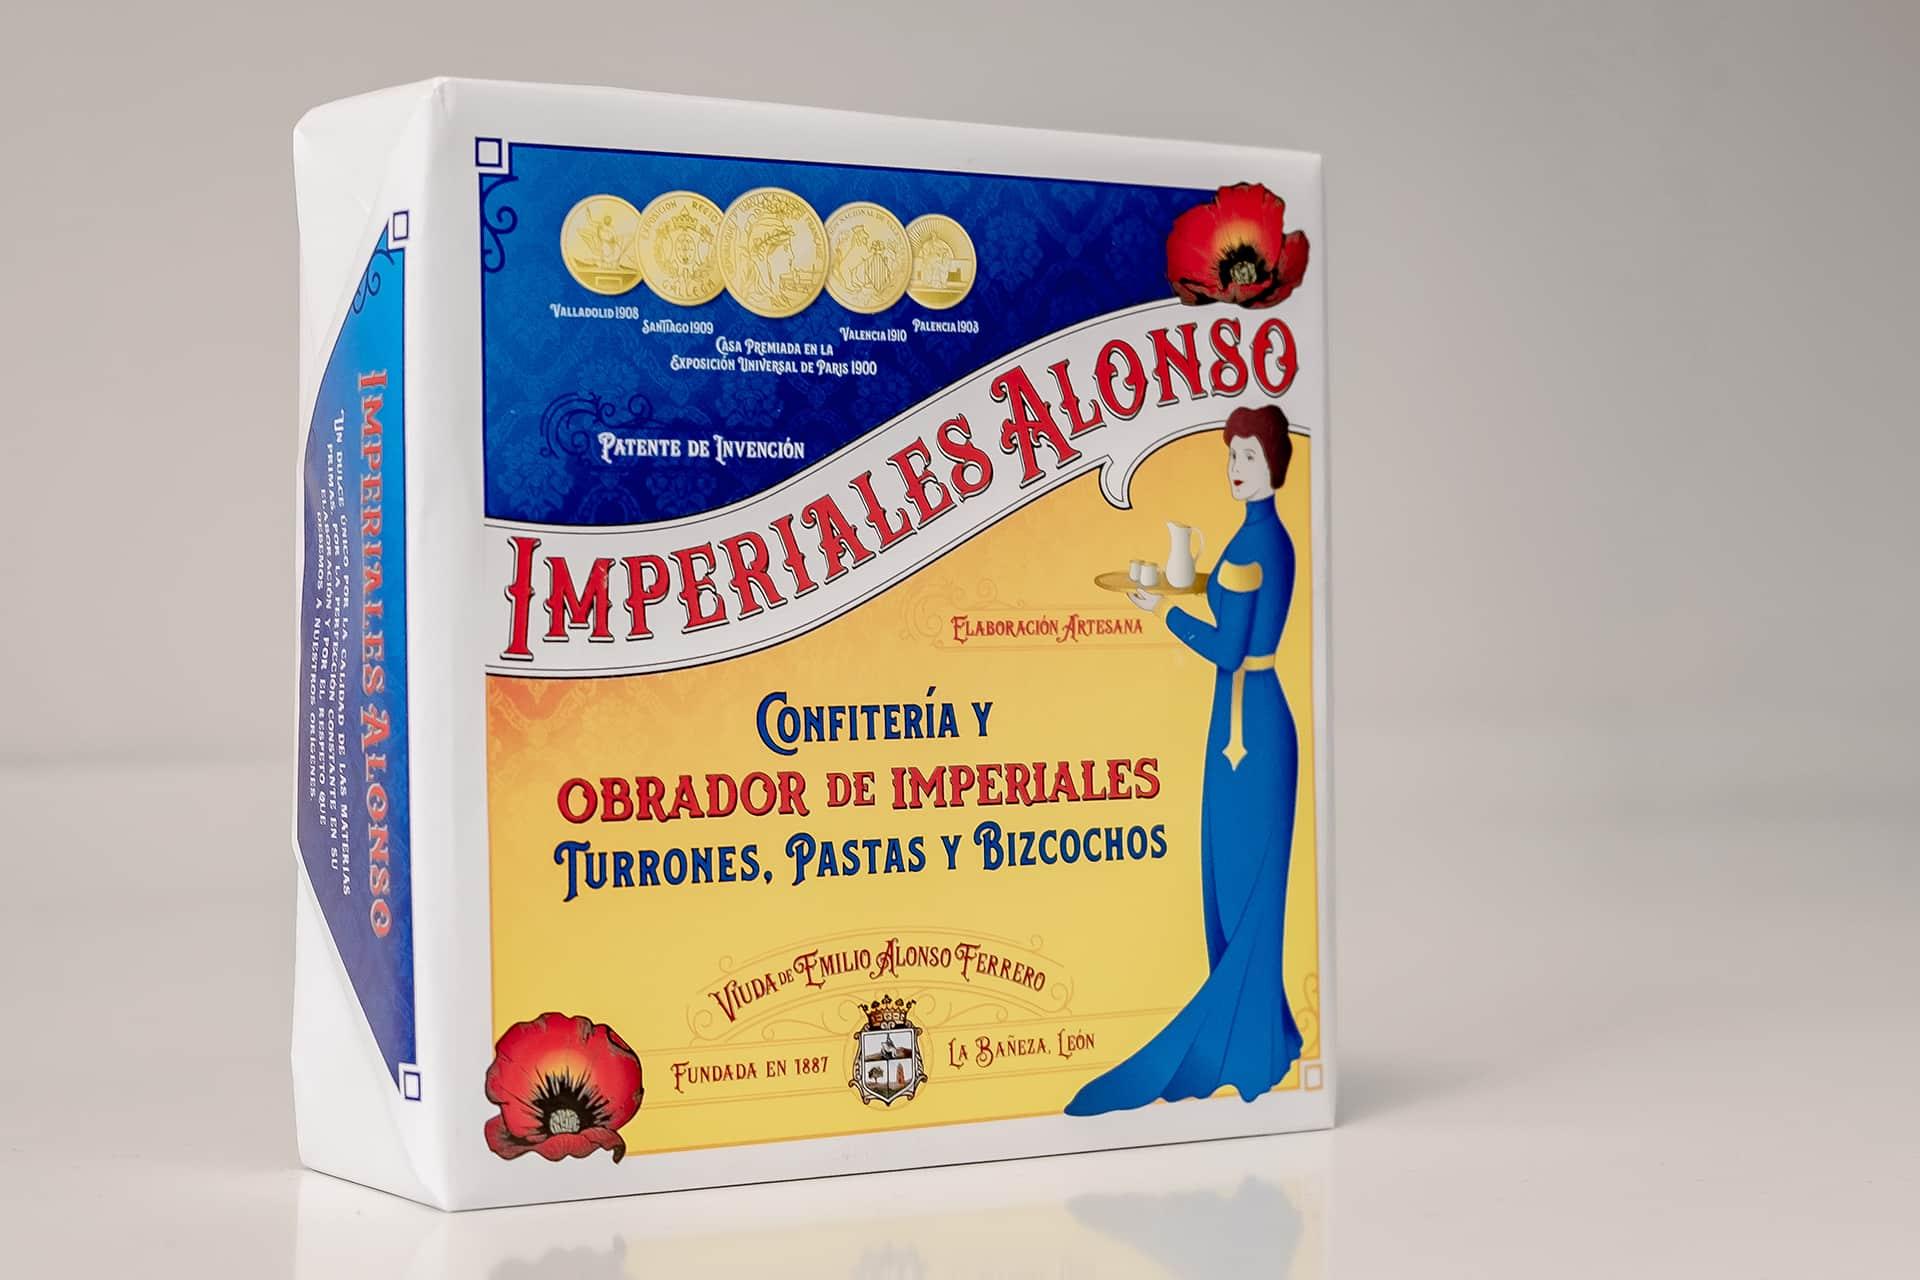 Nueva caja de Imperiales Alonso